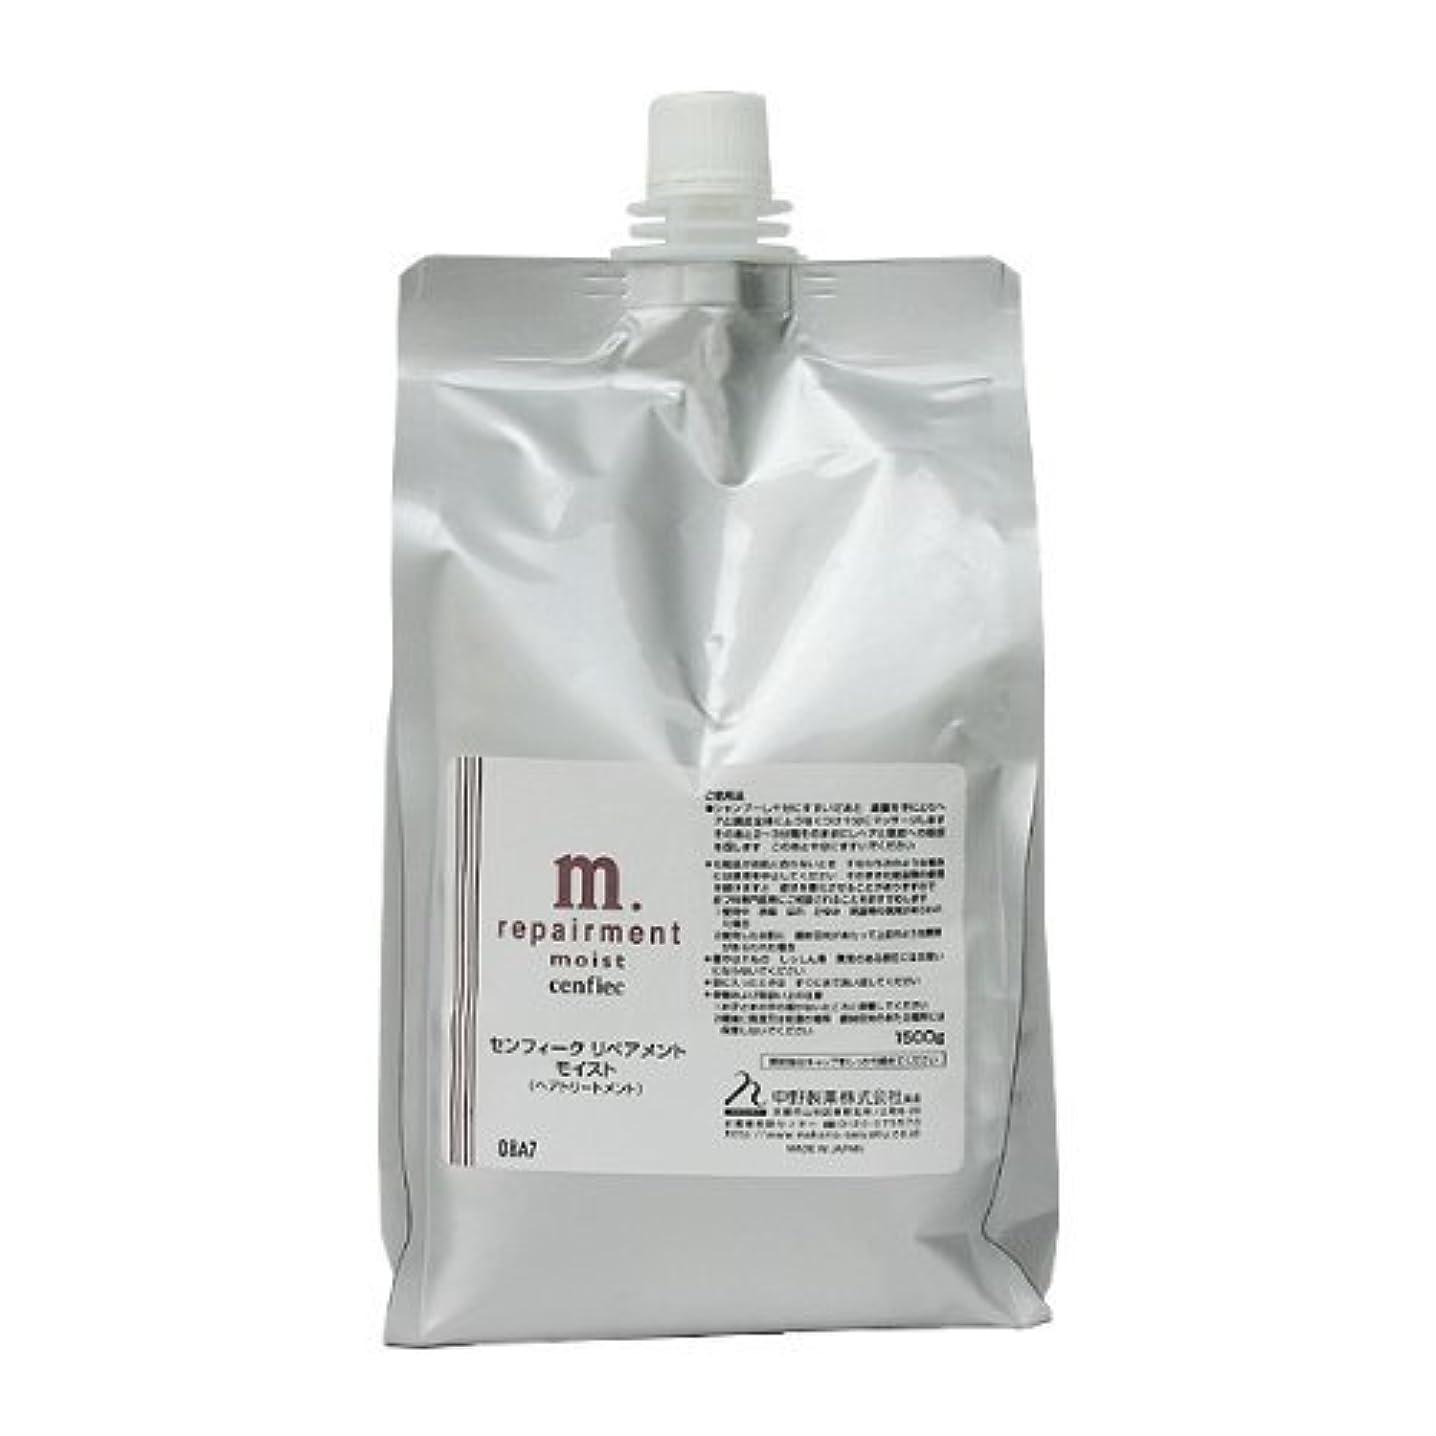 プレビスサイトボリューム集中的な中野製薬 センフィーク リペアメント モイスト レフィル 容量1500g